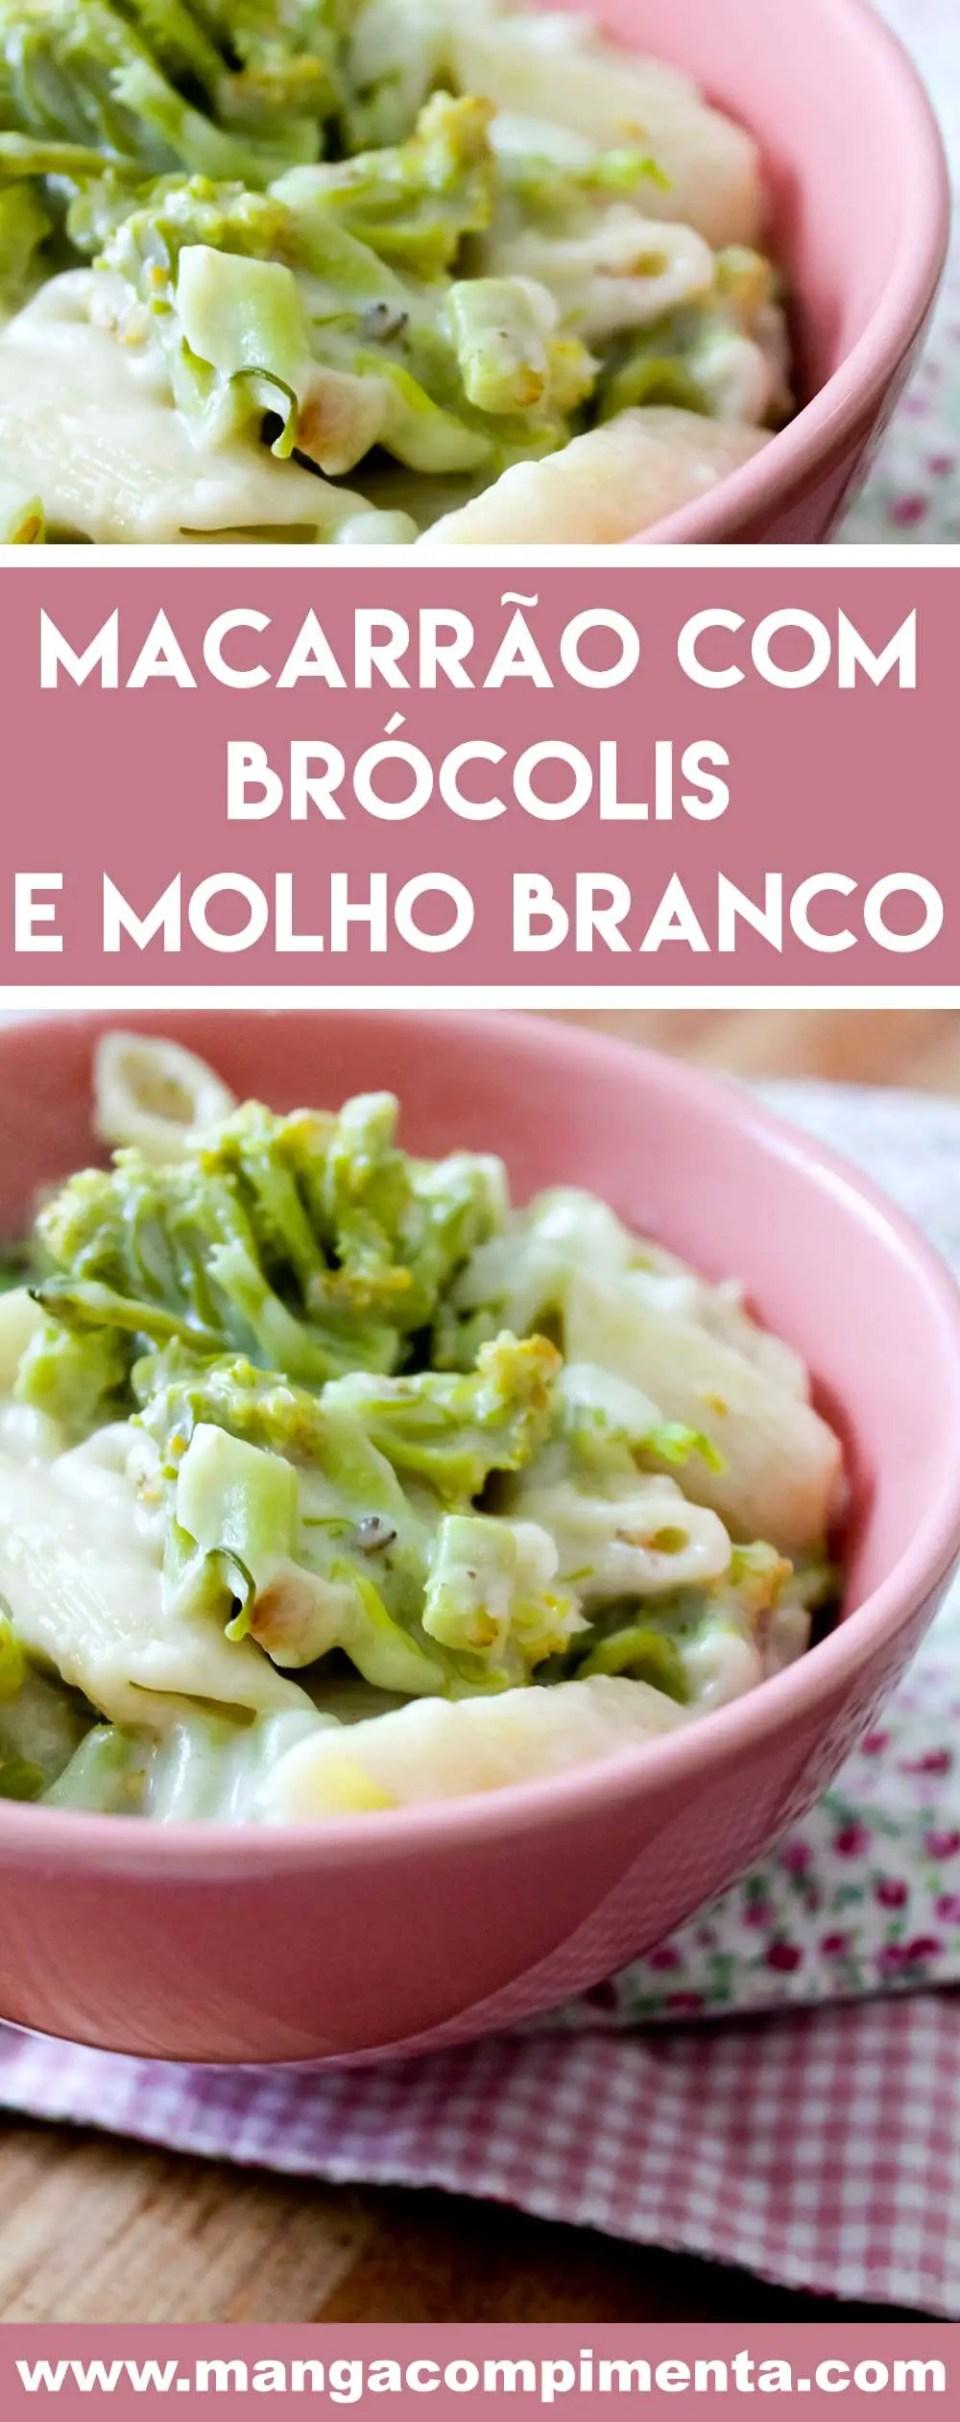 Receita de Macarrão com Brócolis e Molho Branco - um prato que te abraça e mata a fome!